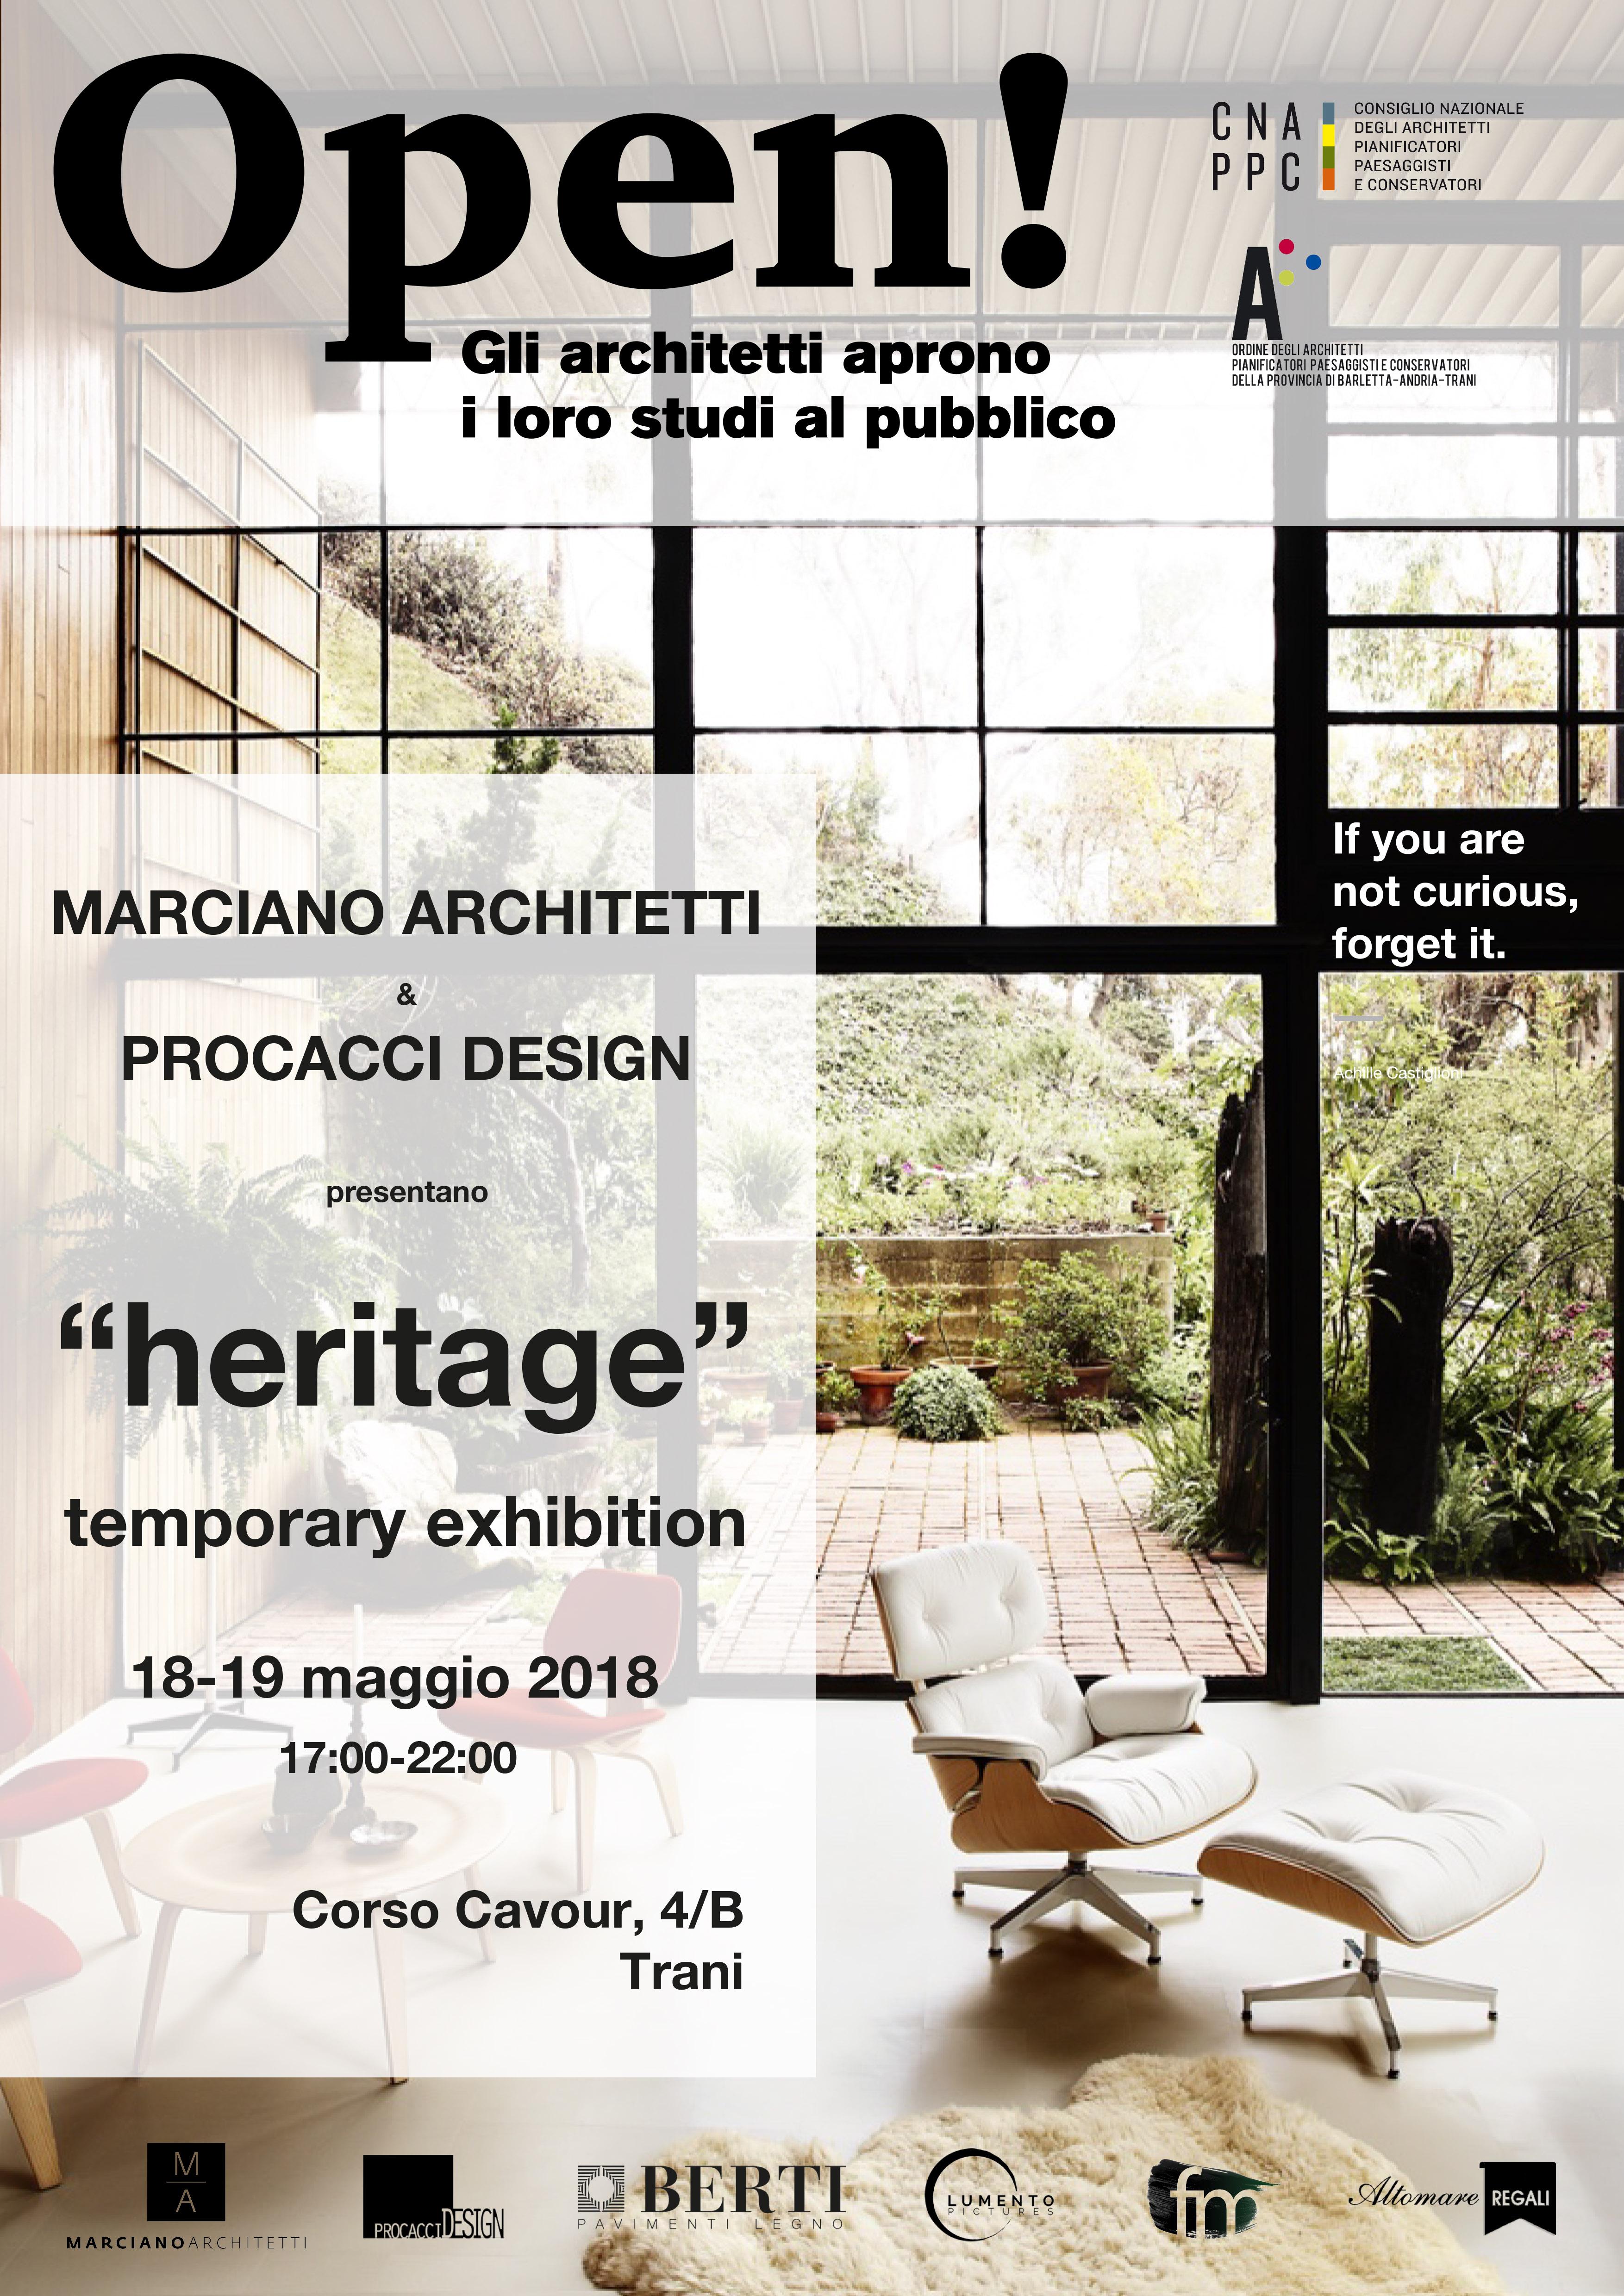 Studio di Architettura Marciano a sx e icona di design a dx